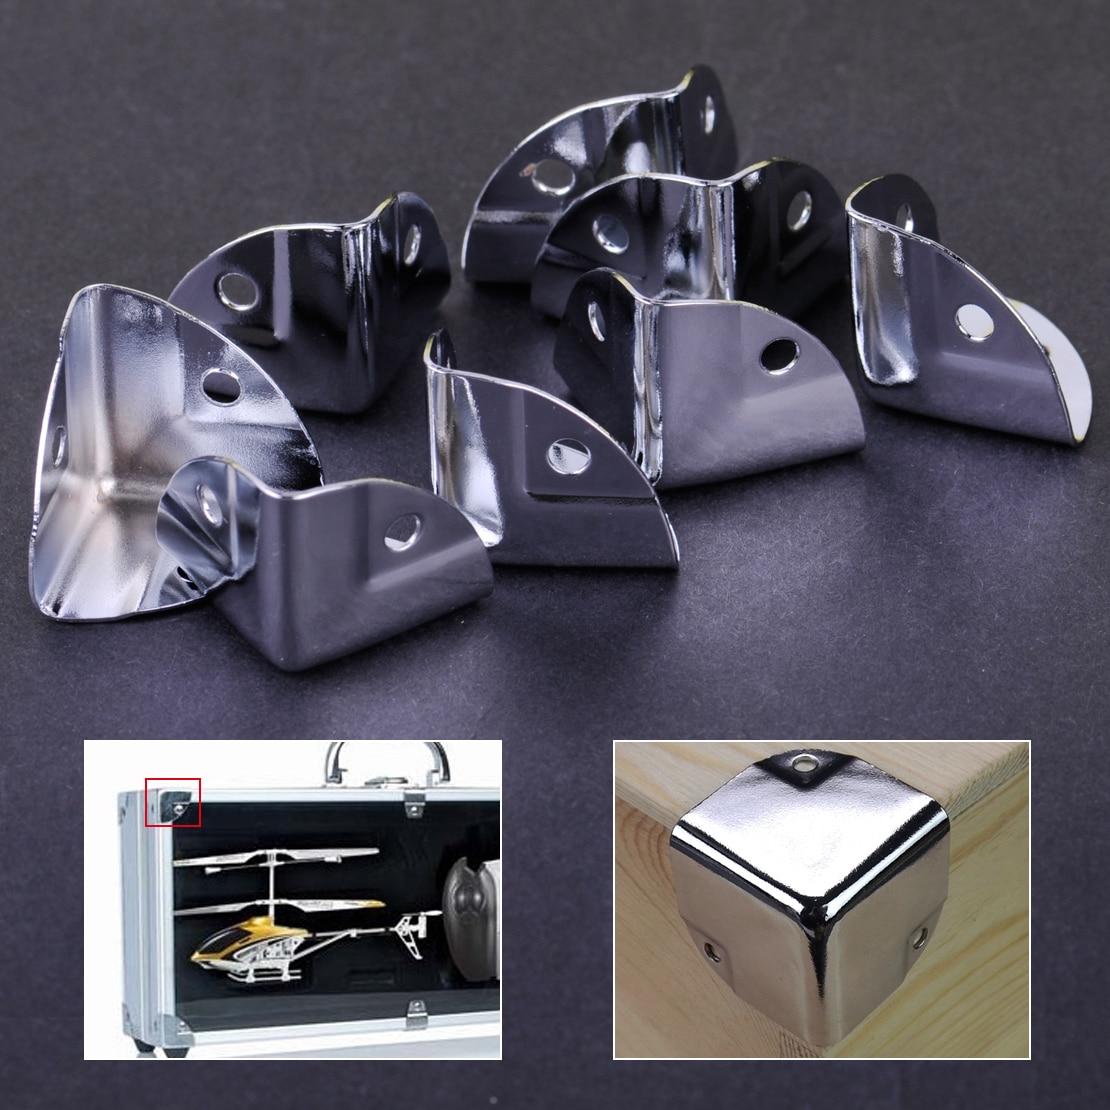 8 pz Angolo di Metallo Staffa di Angolo Brace Protezioni per il Tronco di Legno Box Petto Flightcase8 pz Angolo di Metallo Staffa di Angolo Brace Protezioni per il Tronco di Legno Box Petto Flightcase